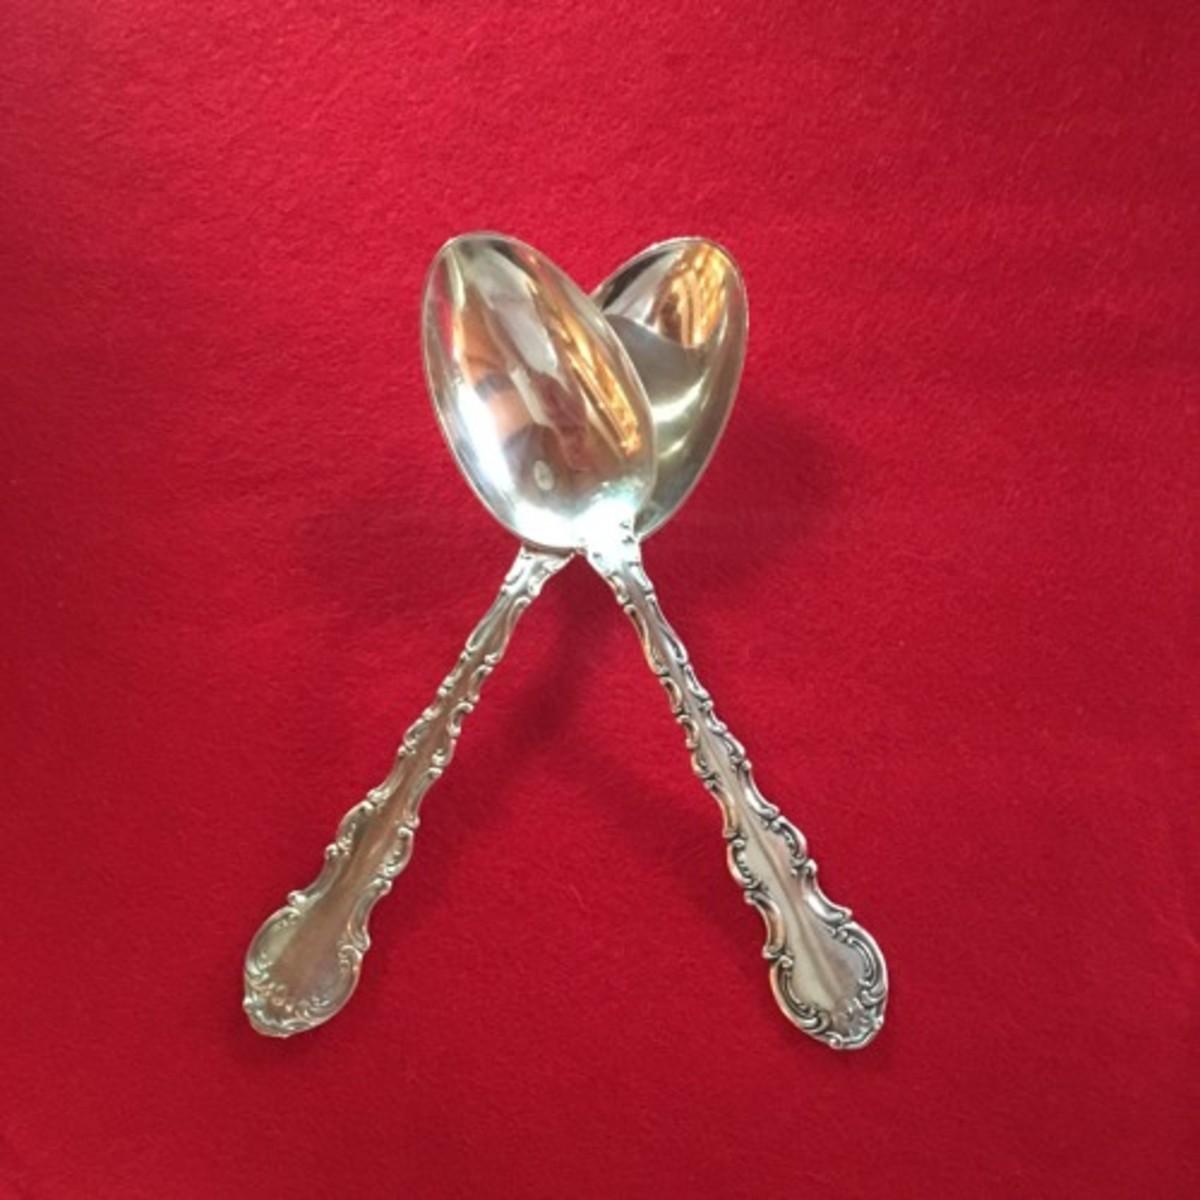 macklemore-ryan-lewis-spoons.jpg